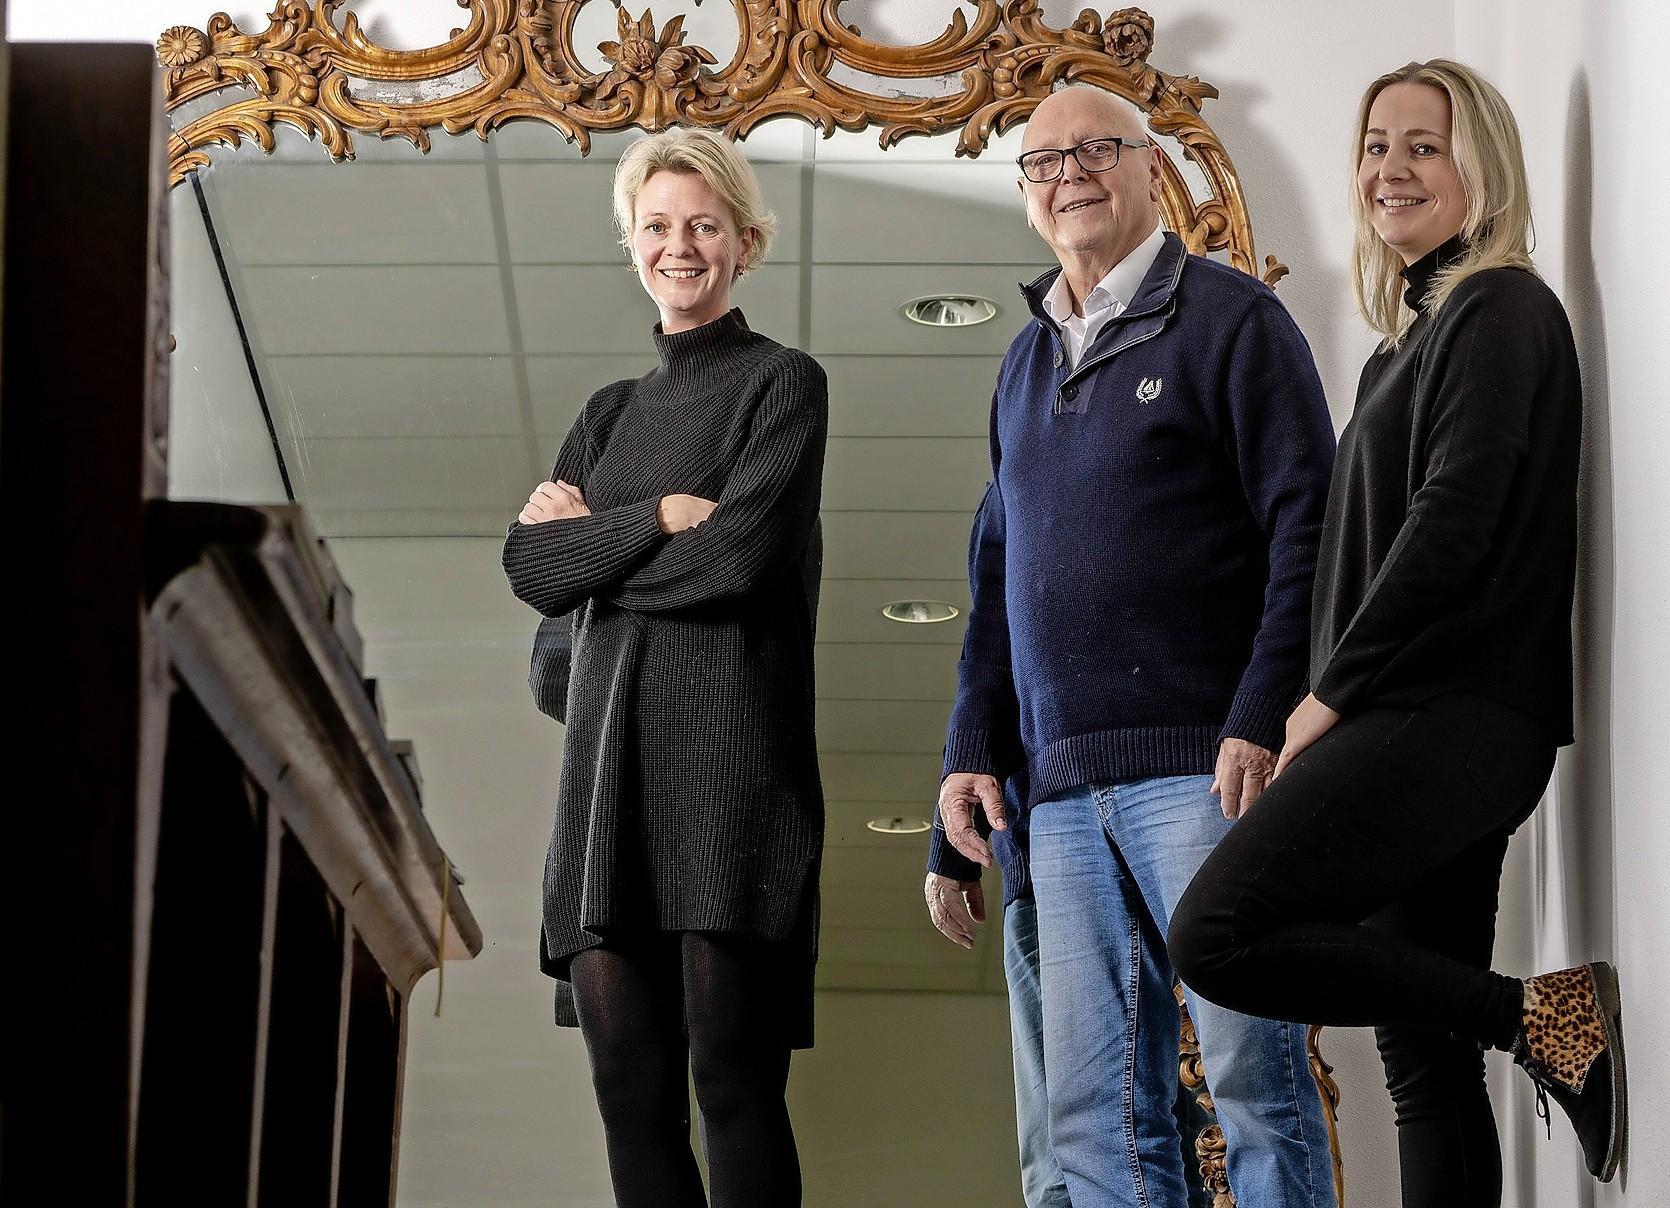 Hotelzeepjes uit Alkmaar gaan hele wereld over: familiebedrijf Hail Europe is specialist in onthaalproducten